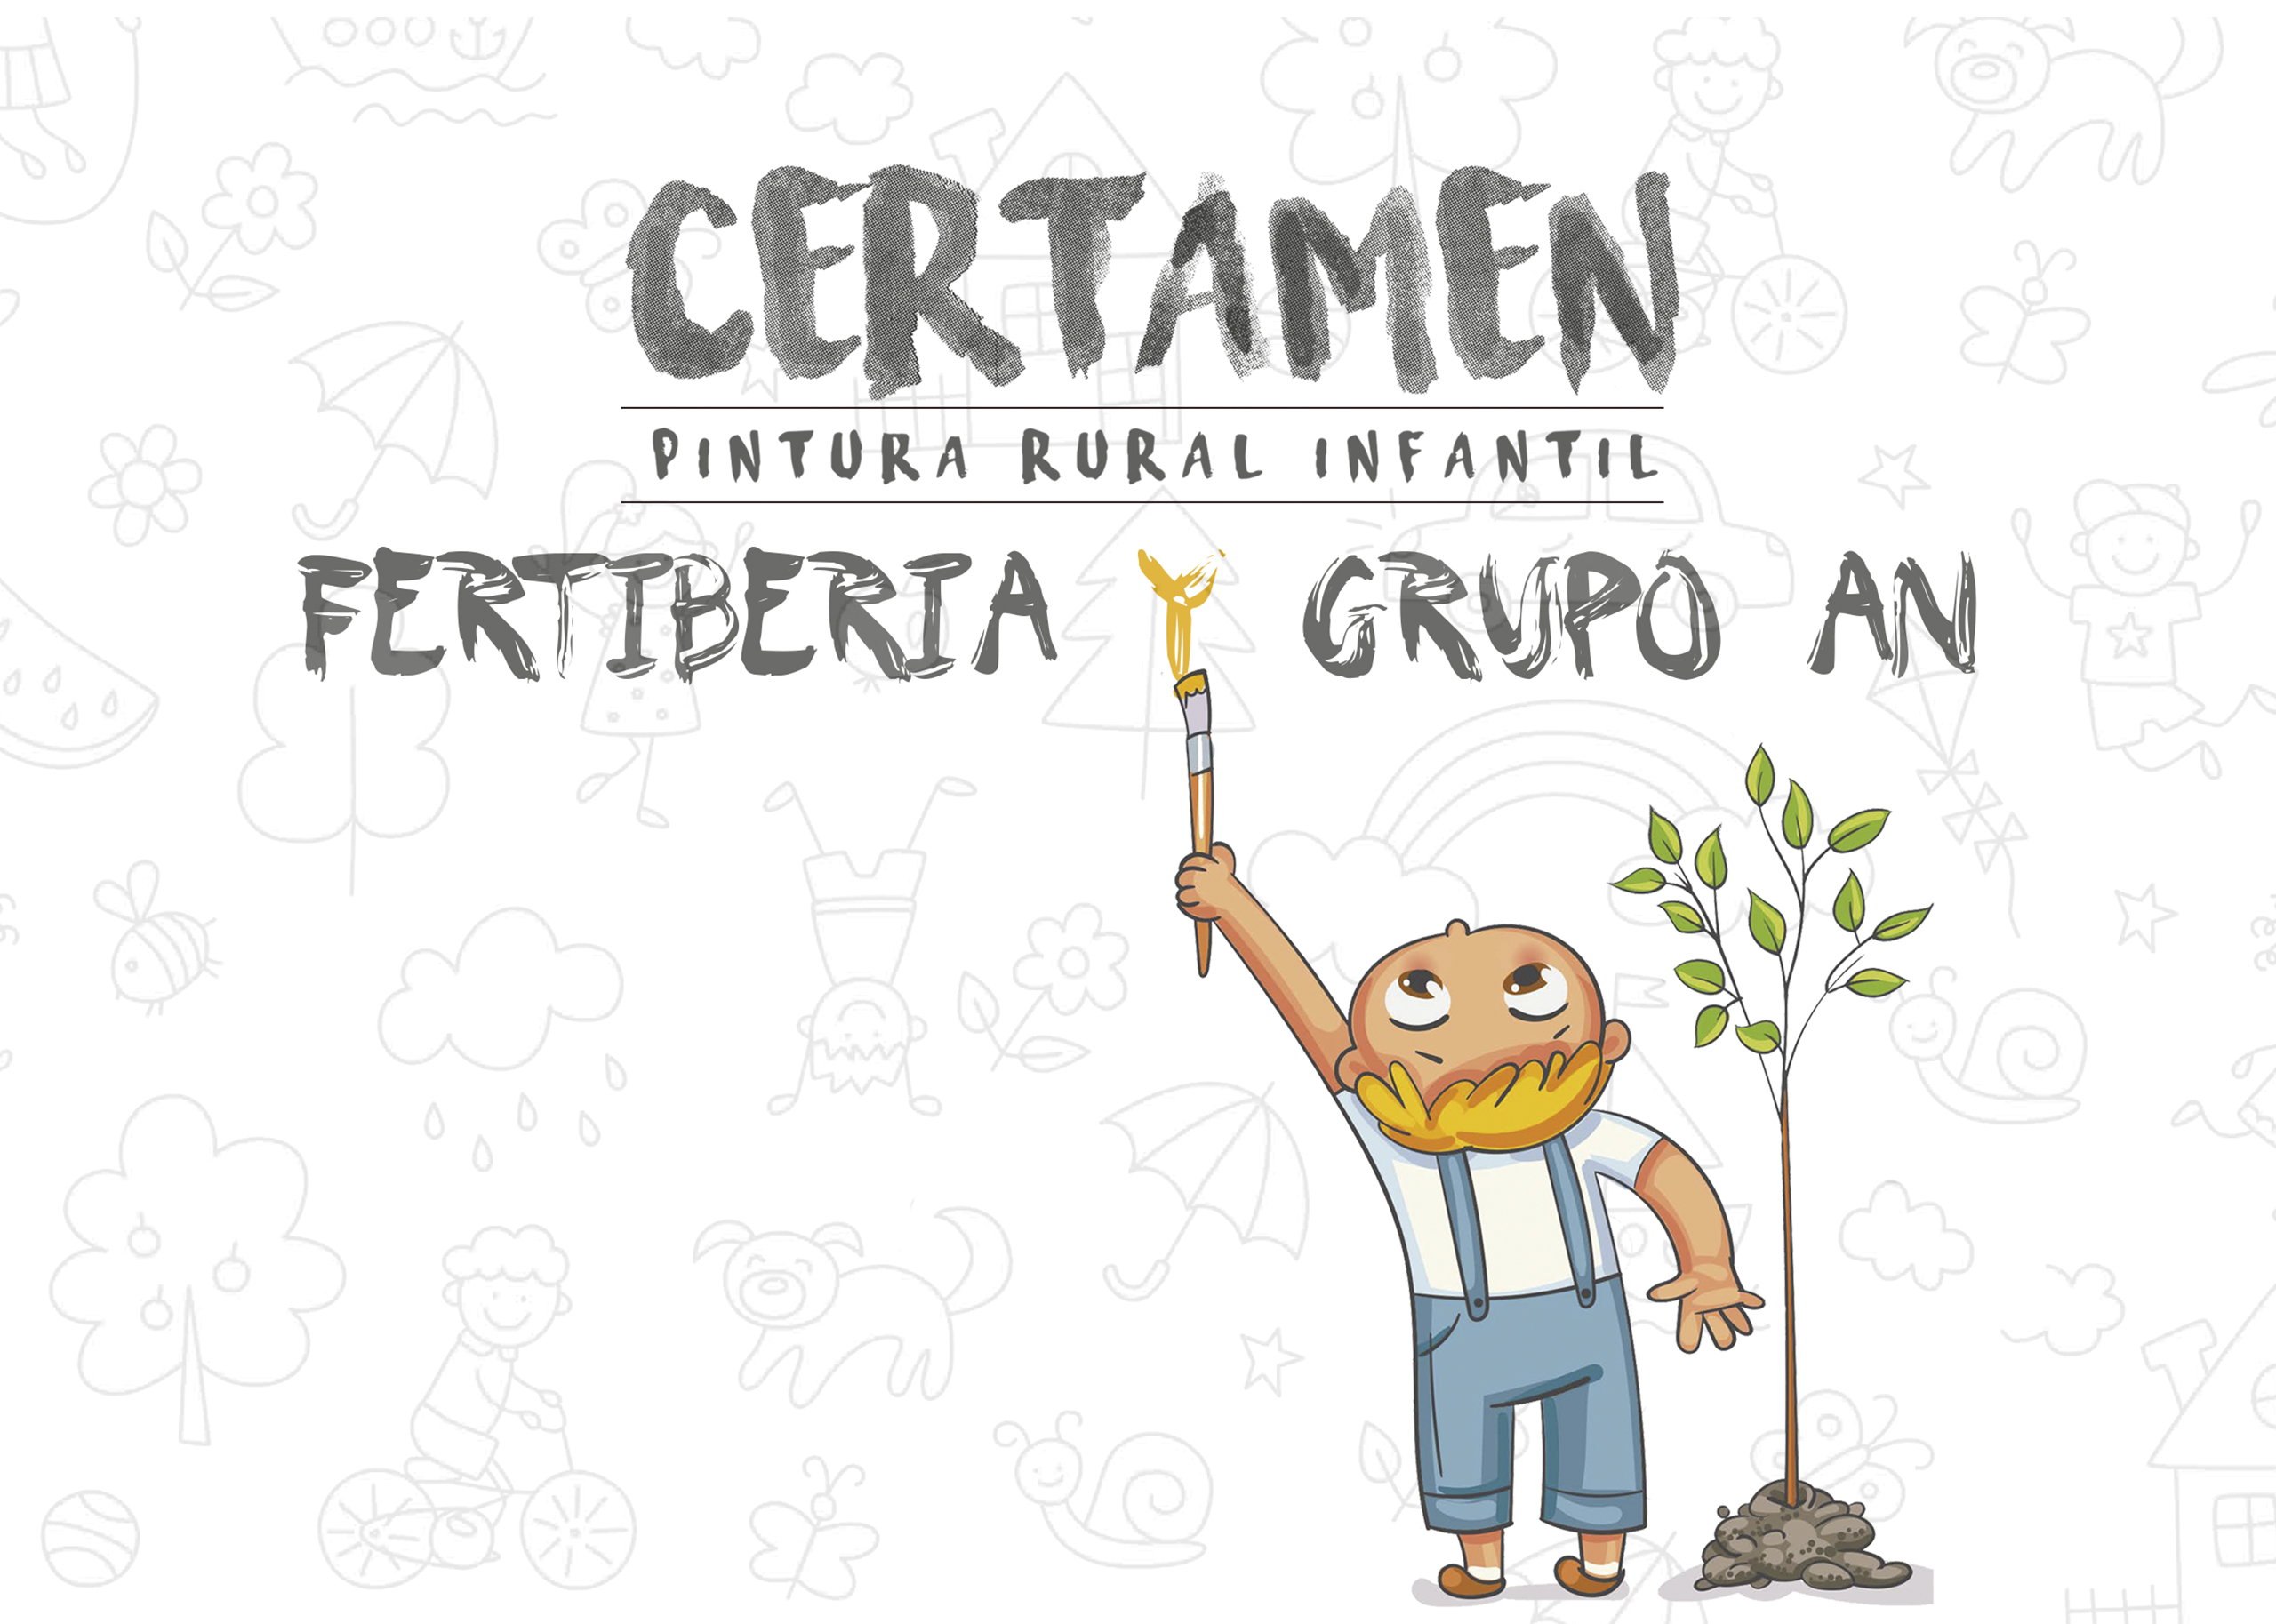 Concurso Pintura Rural Grupo AN Fertiberia